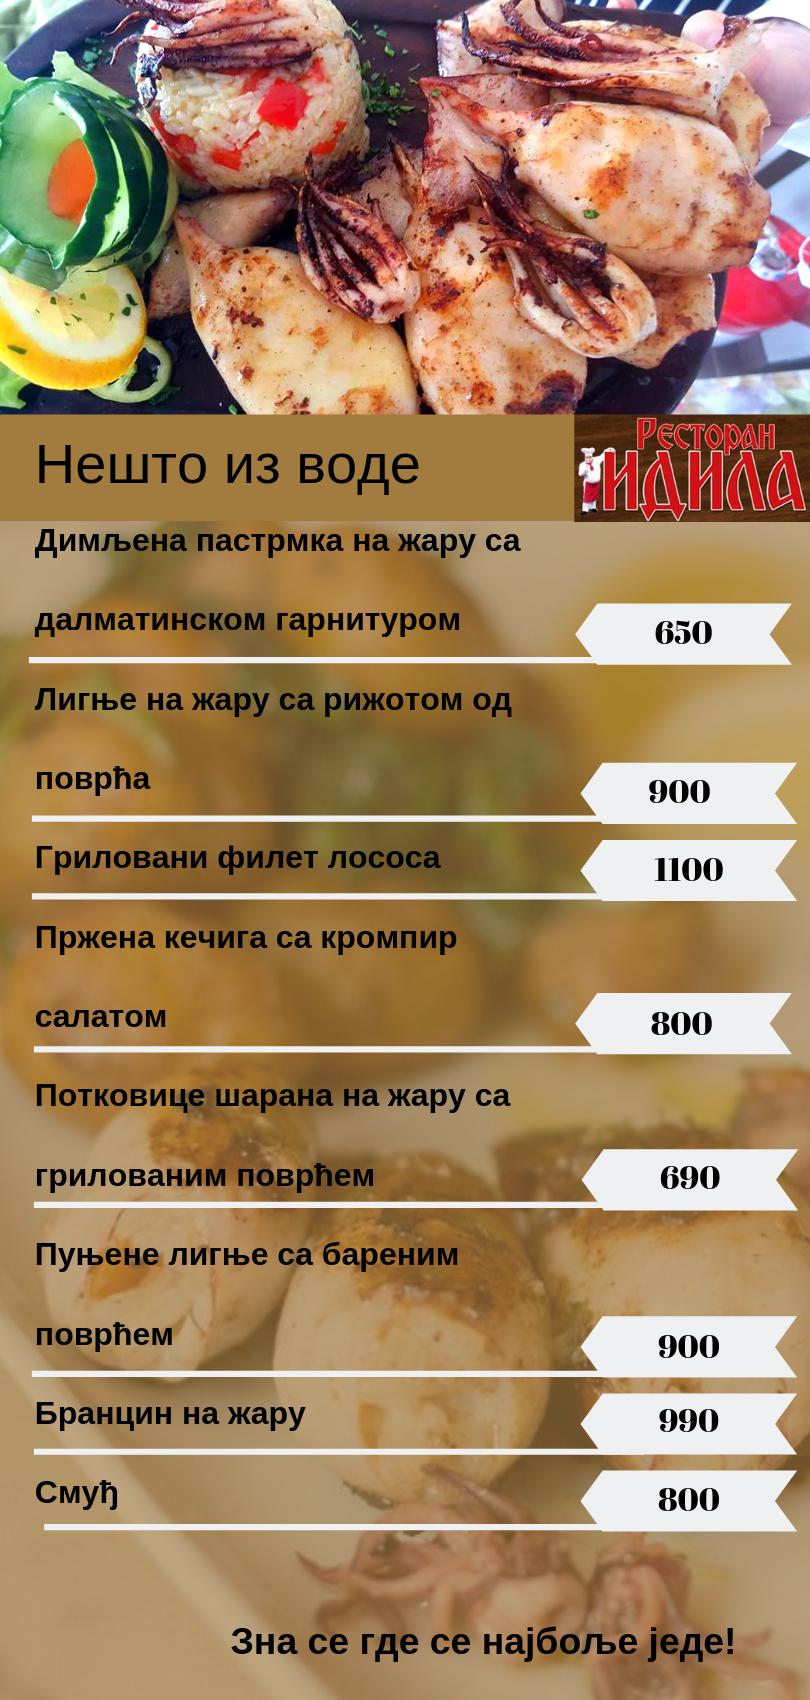 Stara idila hrana(49)